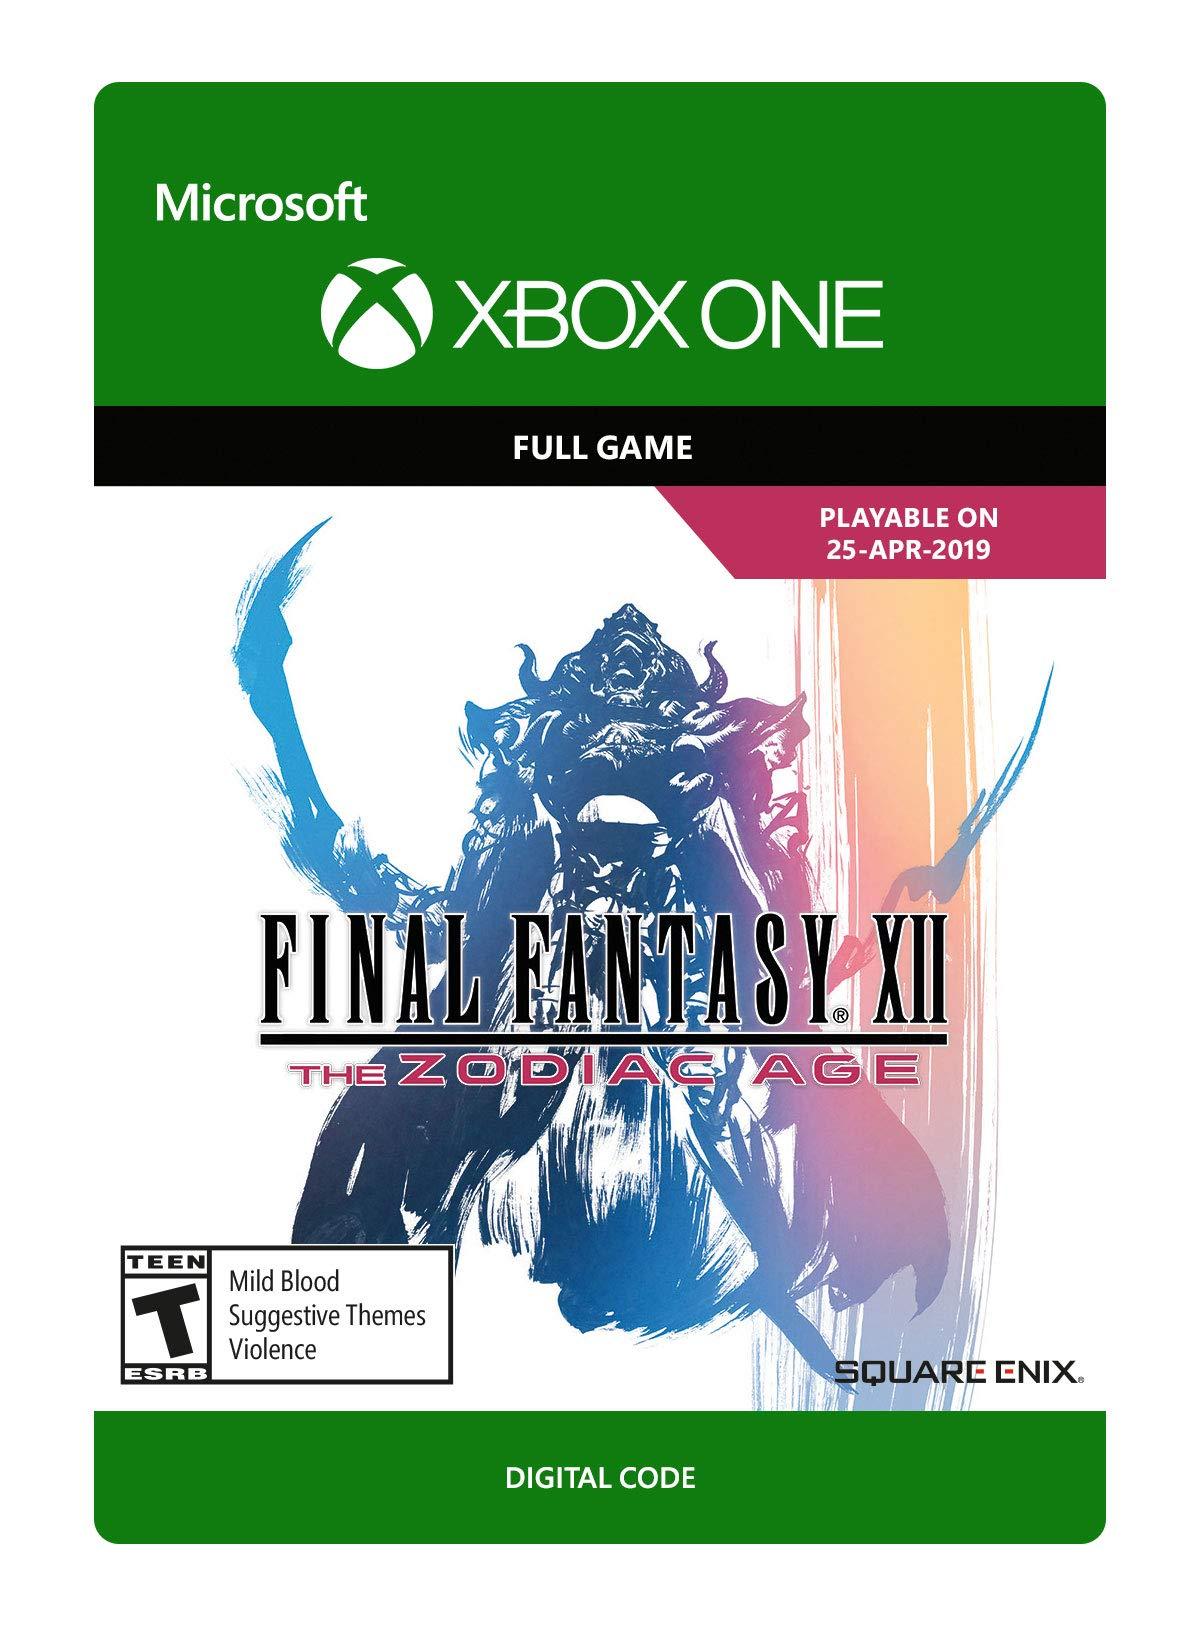 Amazon com: FINAL FANTASY XII THE ZODIAC AGE - Xbox One [Digital